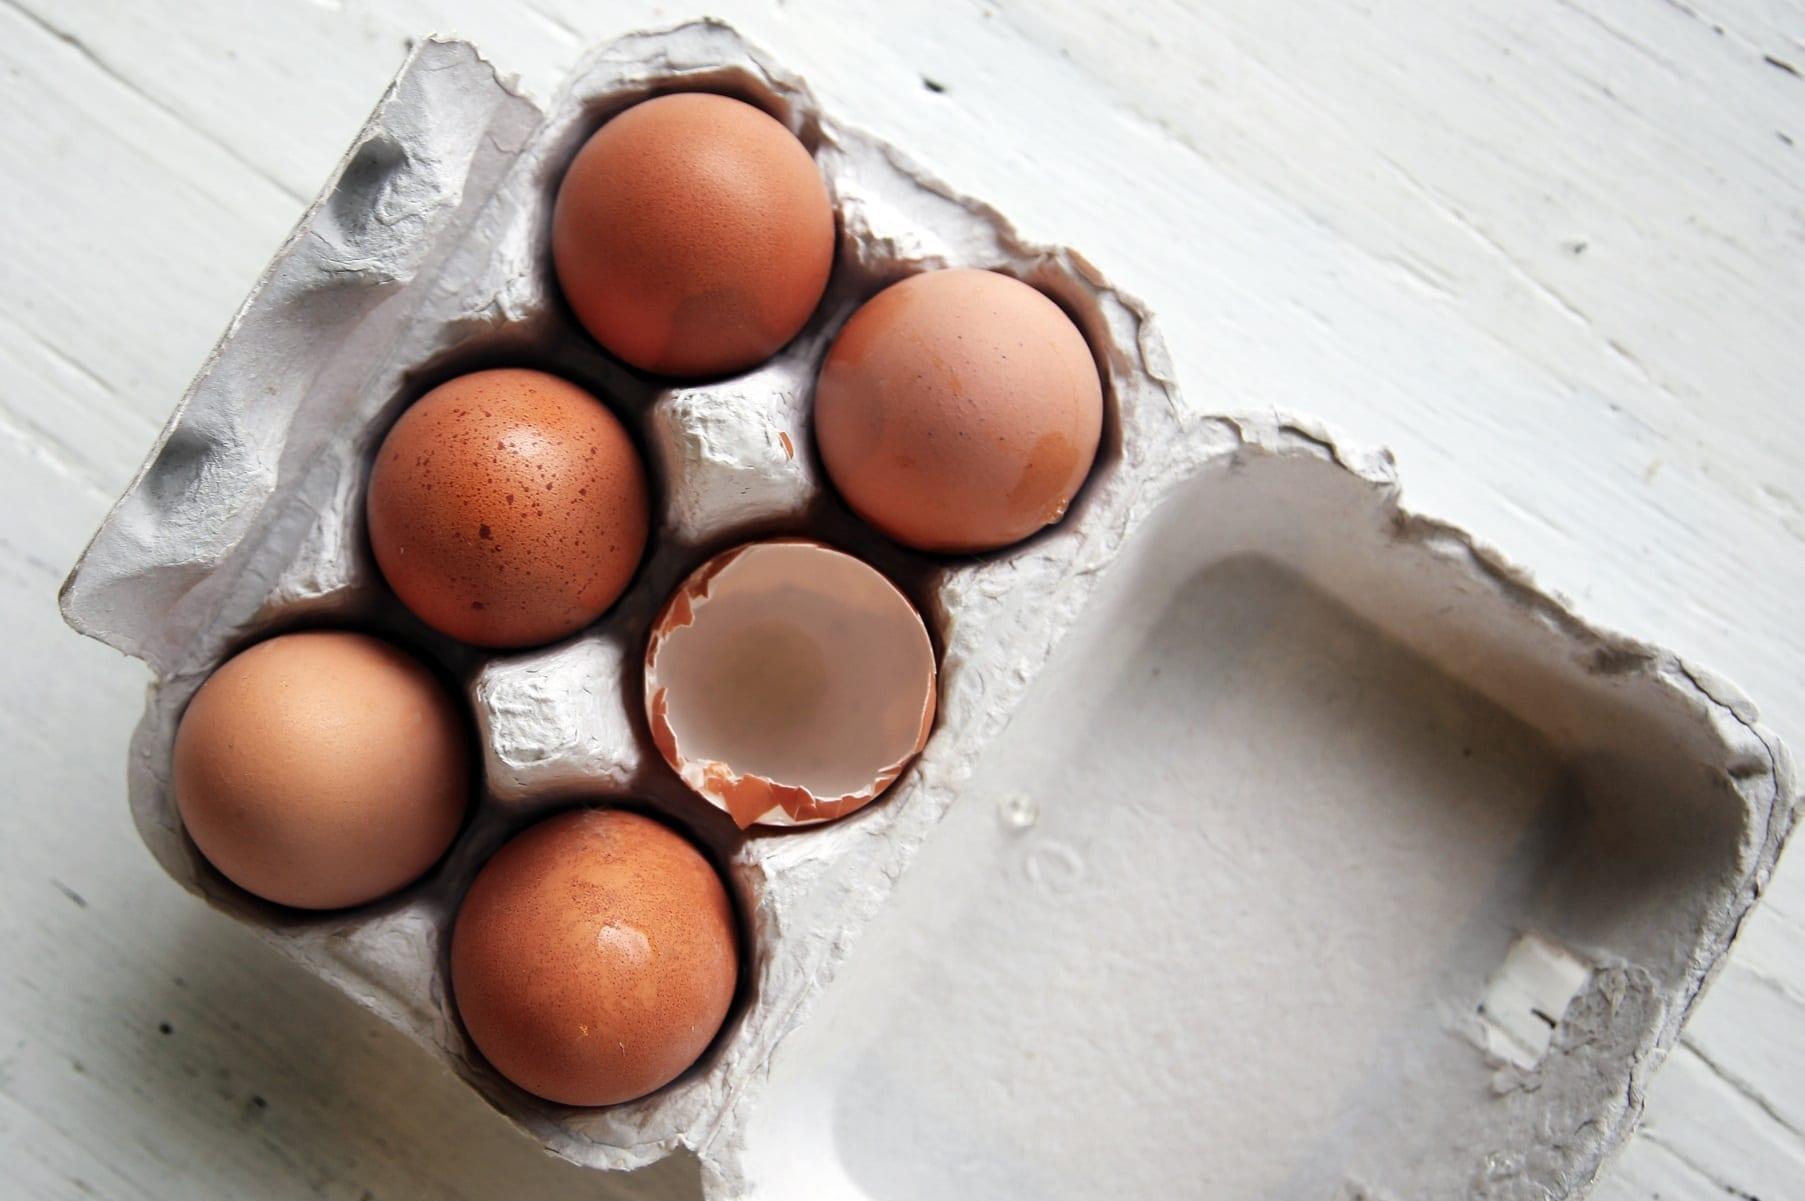 Karton mit Eiern